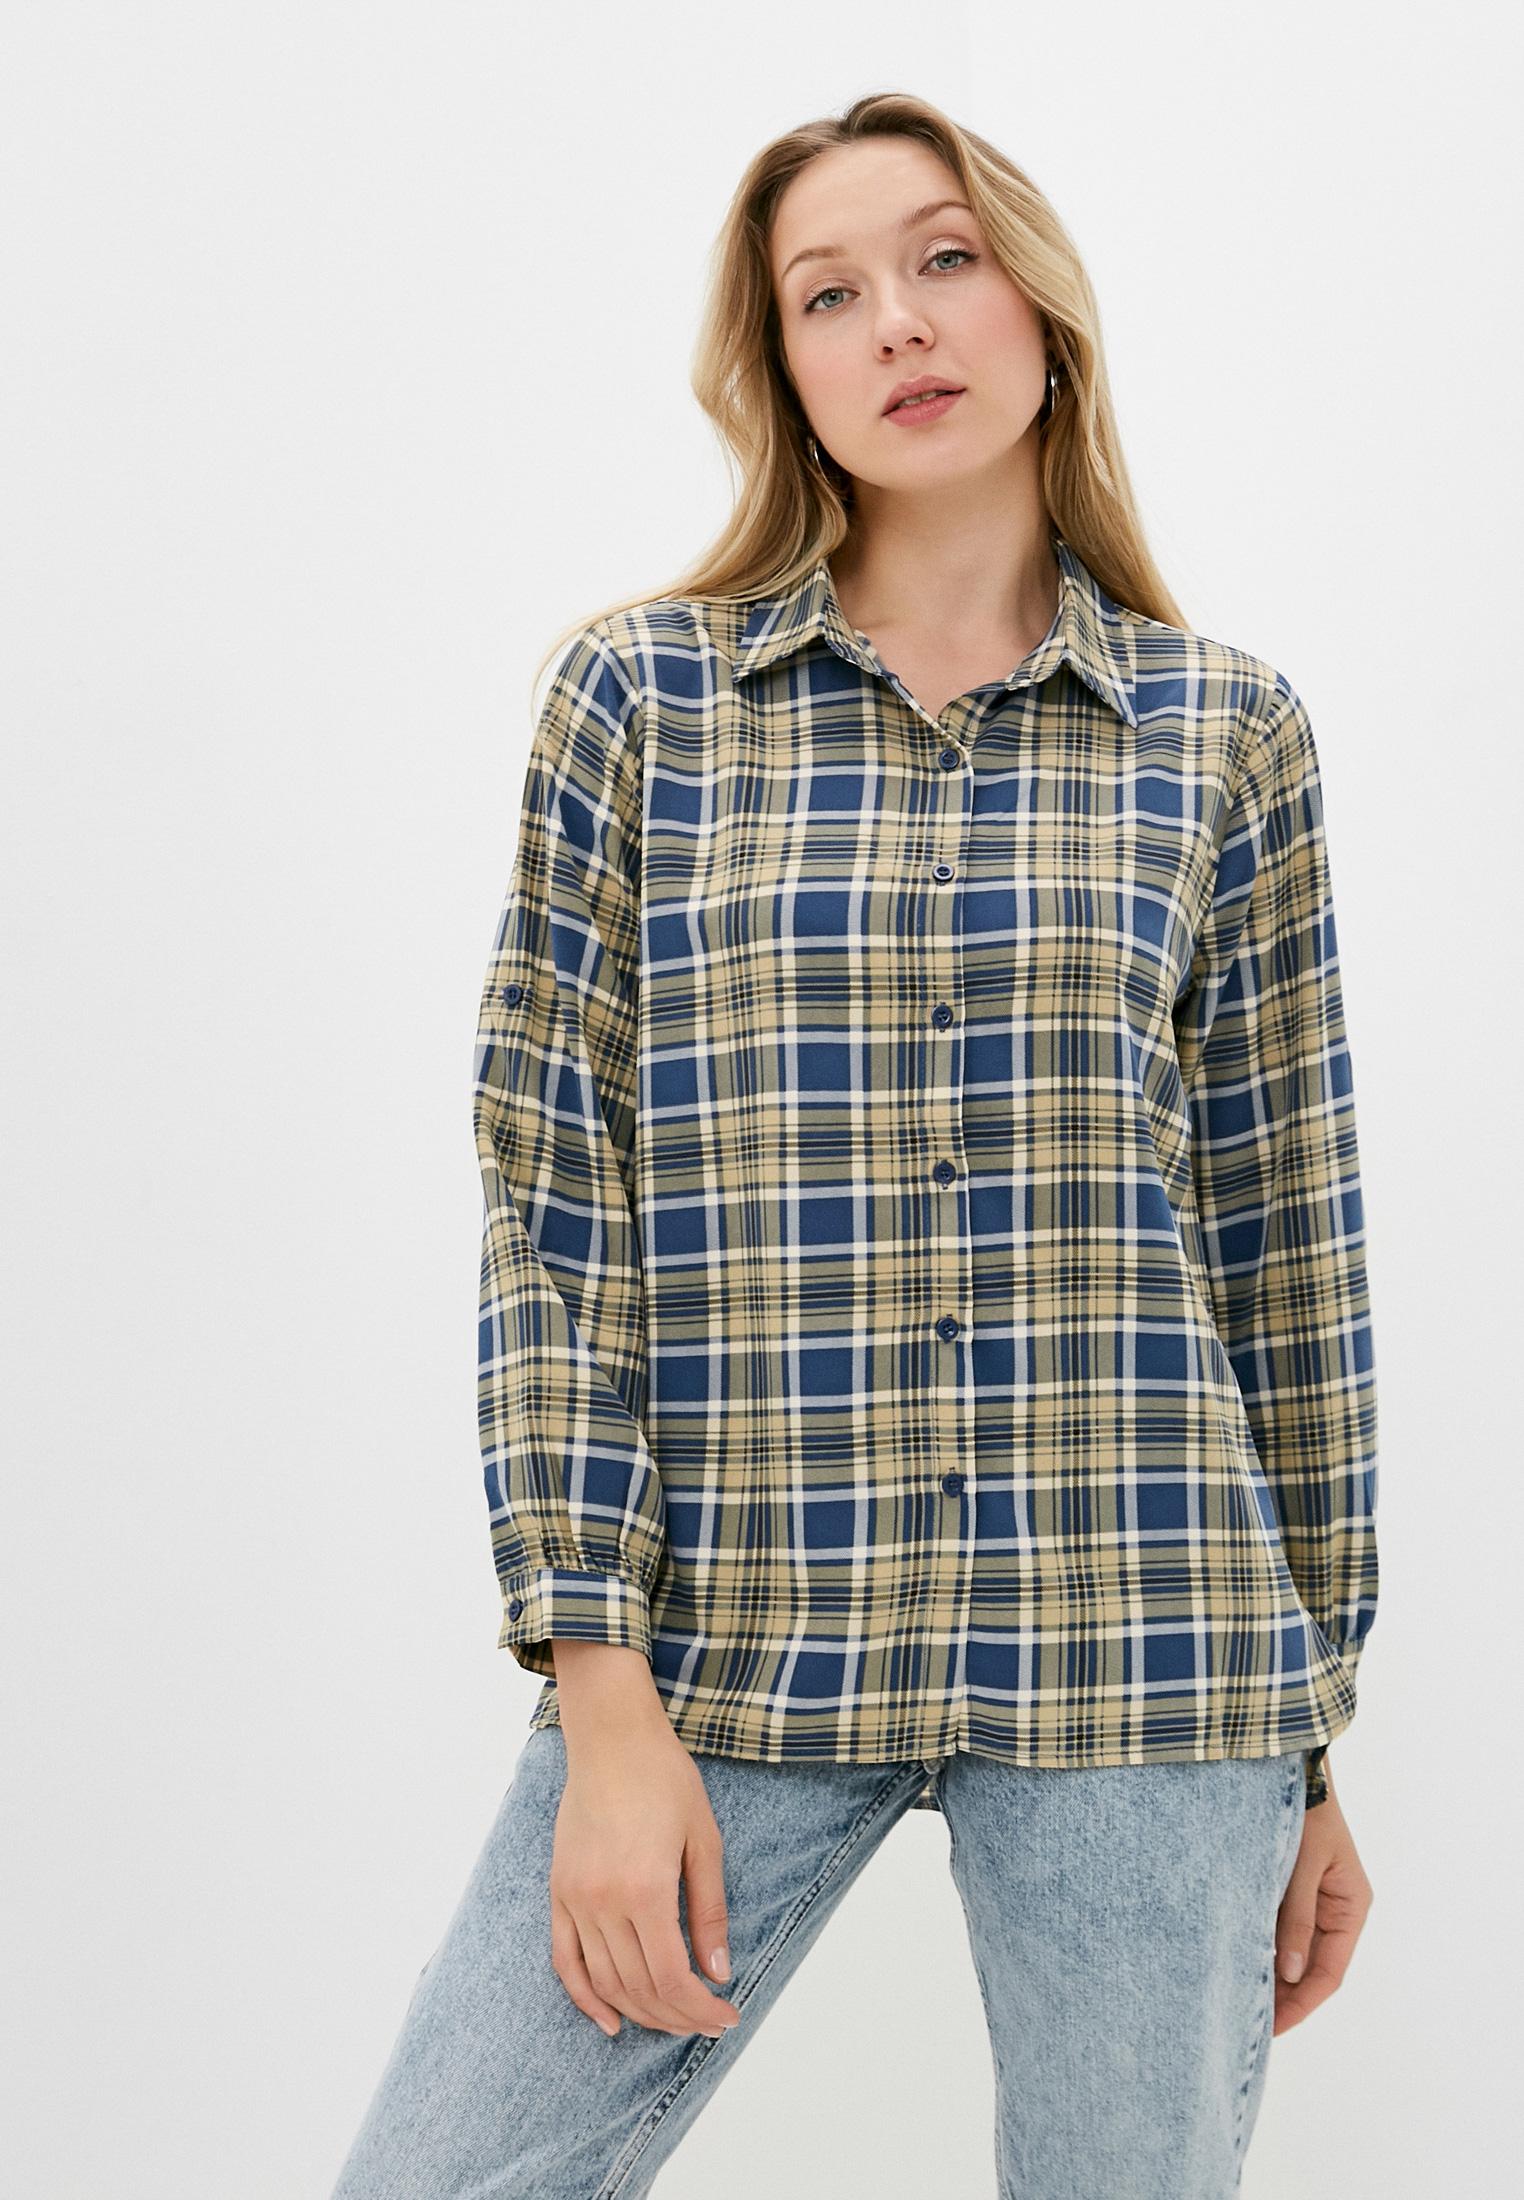 Женские рубашки с длинным рукавом Moki 10657